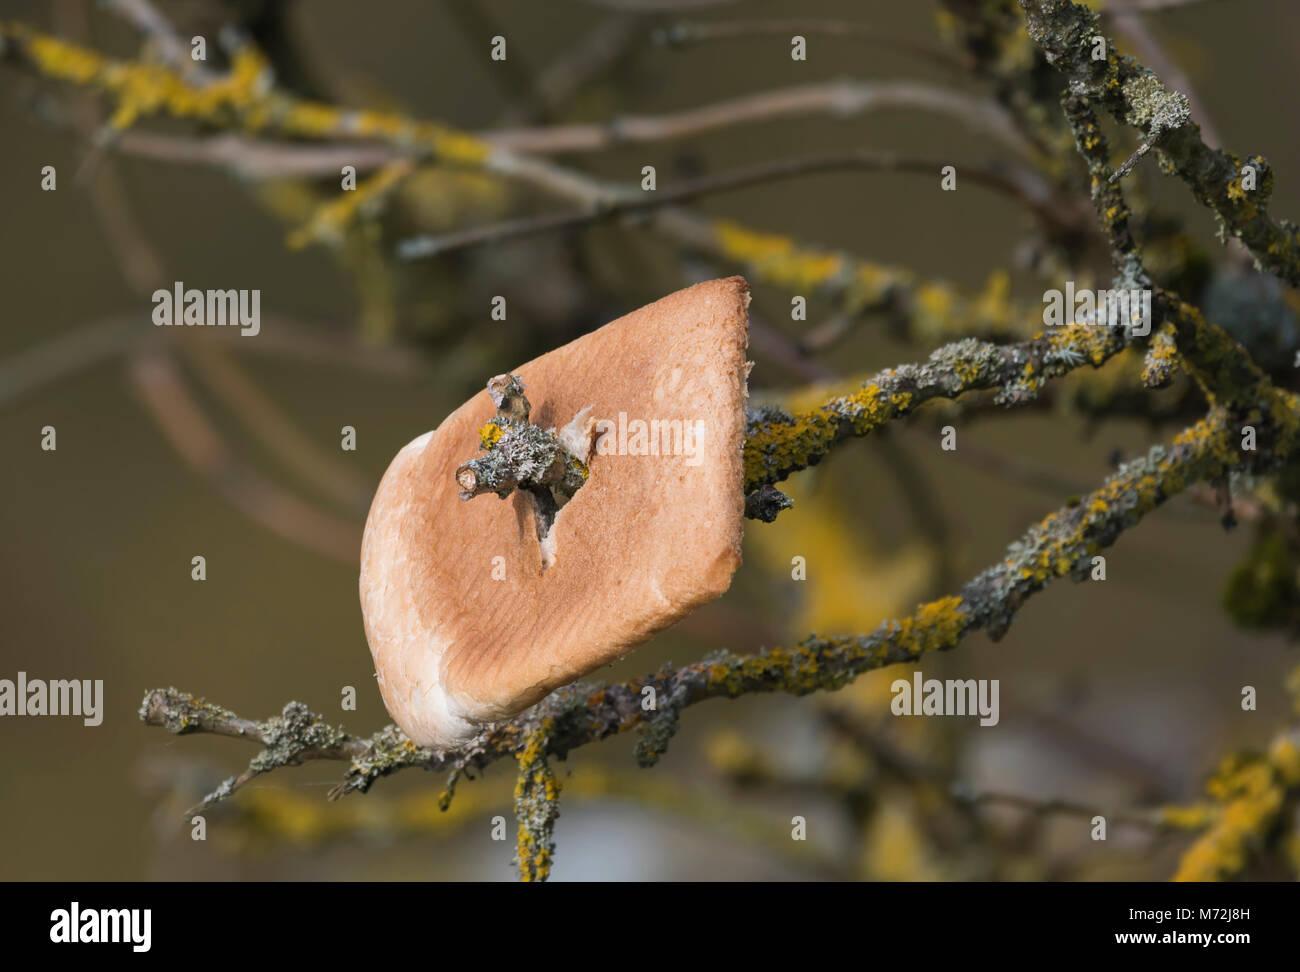 Fetta di pane bianco impalato su un ramoscello di un albero, attirando gli uccelli per alimentare per la fauna selvatica Immagini Stock